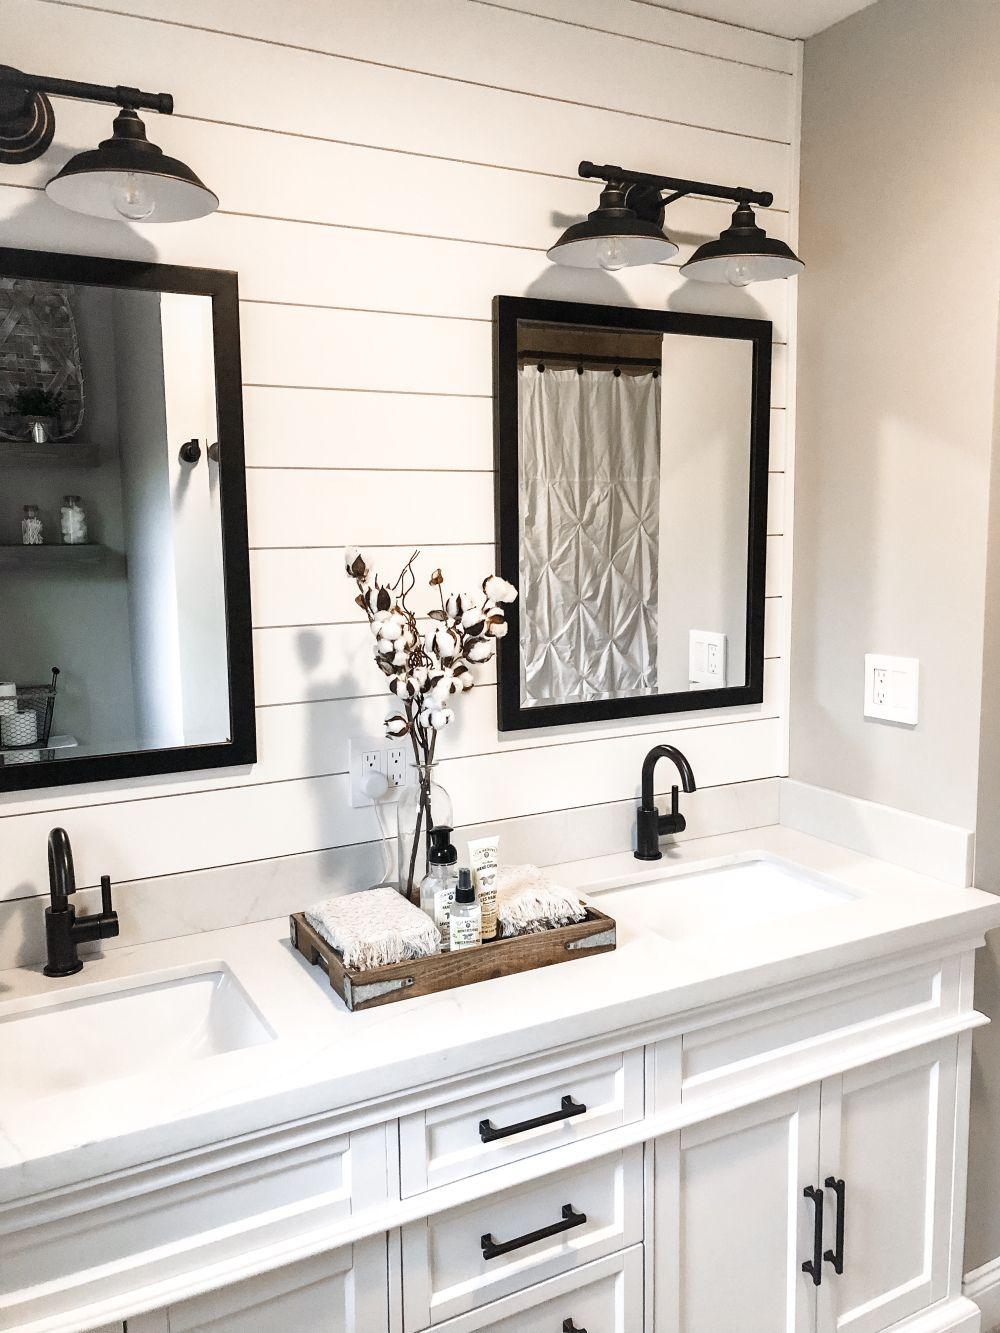 Modern Farmhouse Bathroom Remodel, Modern Farmhouse Bathroom Remodel Ideas